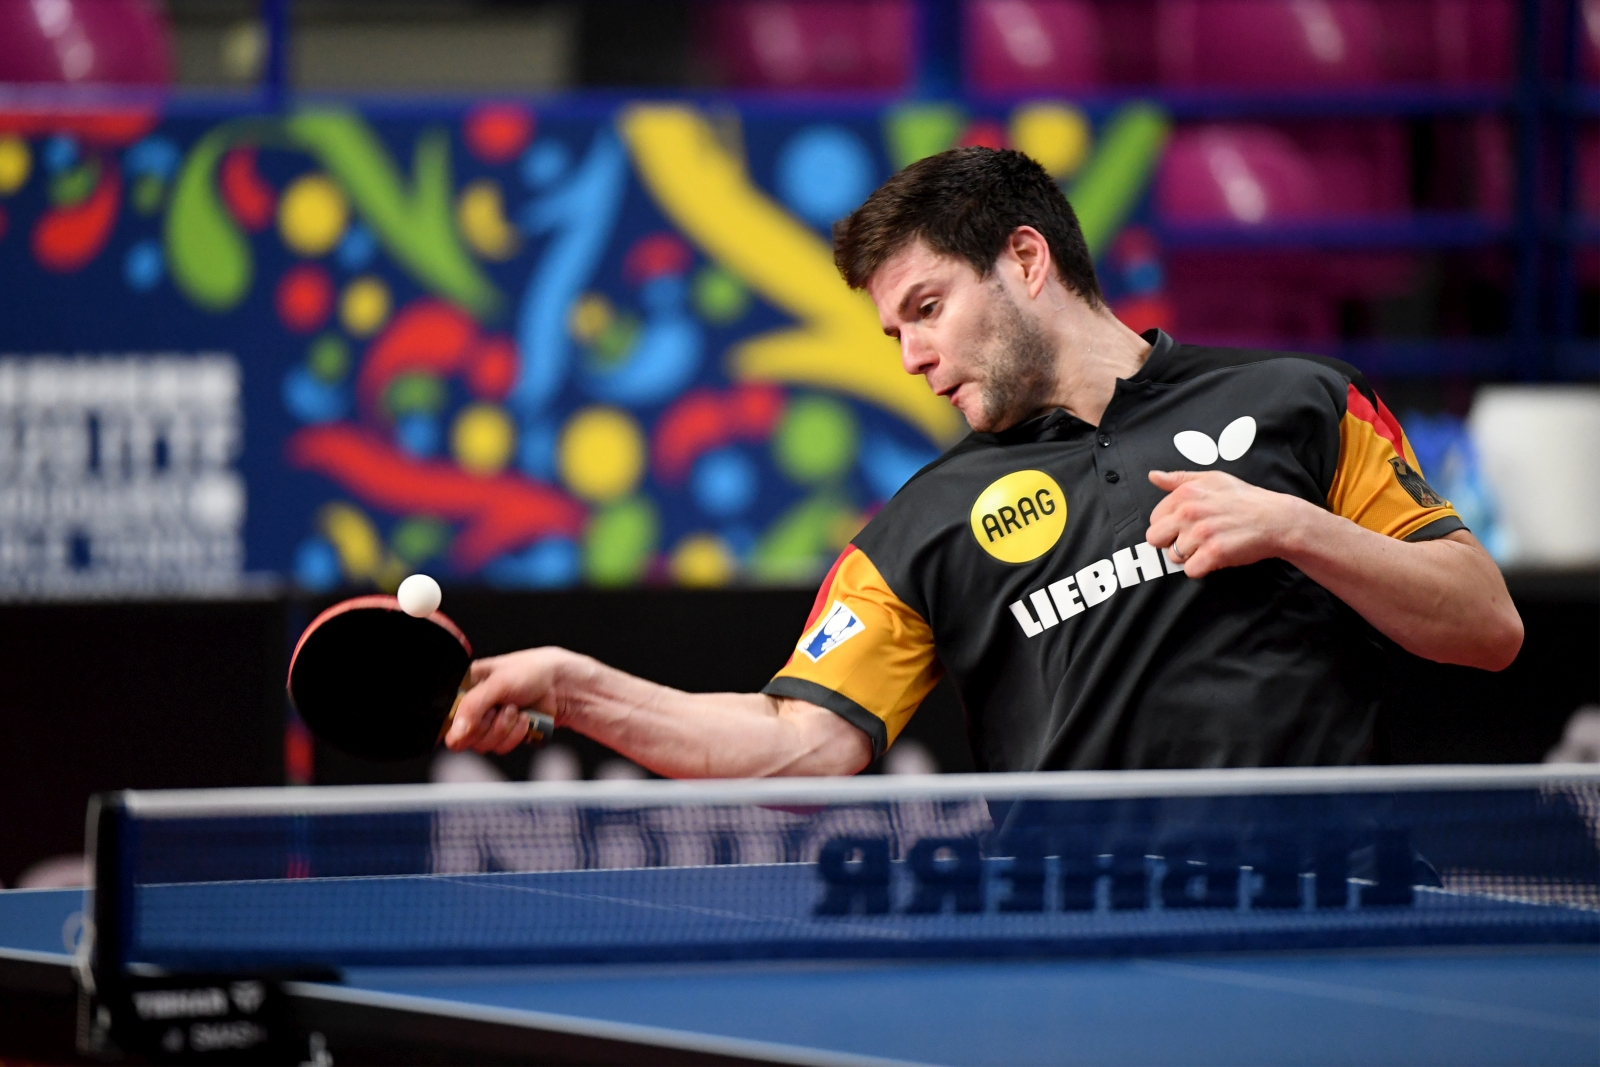 Борьба за титул Чемпиона Европы: два игрока «Факел Газпрома» вышли в финал